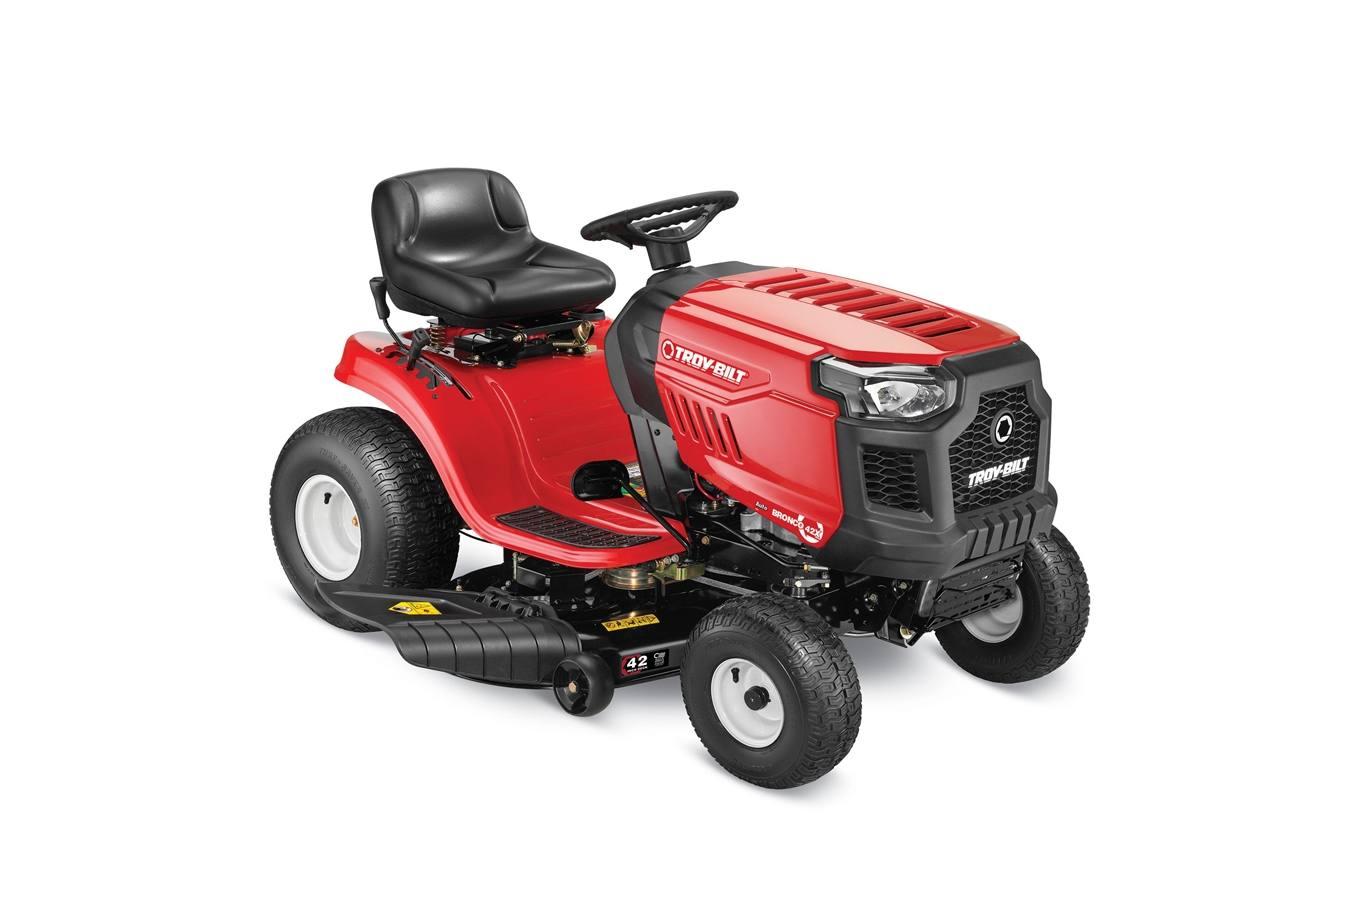 2020 Troy-Bilt Bronco 42X Riding Lawn Mower for sale in Millerstown, PA.  Millerstown Millerstown, PA (717) 444-3670